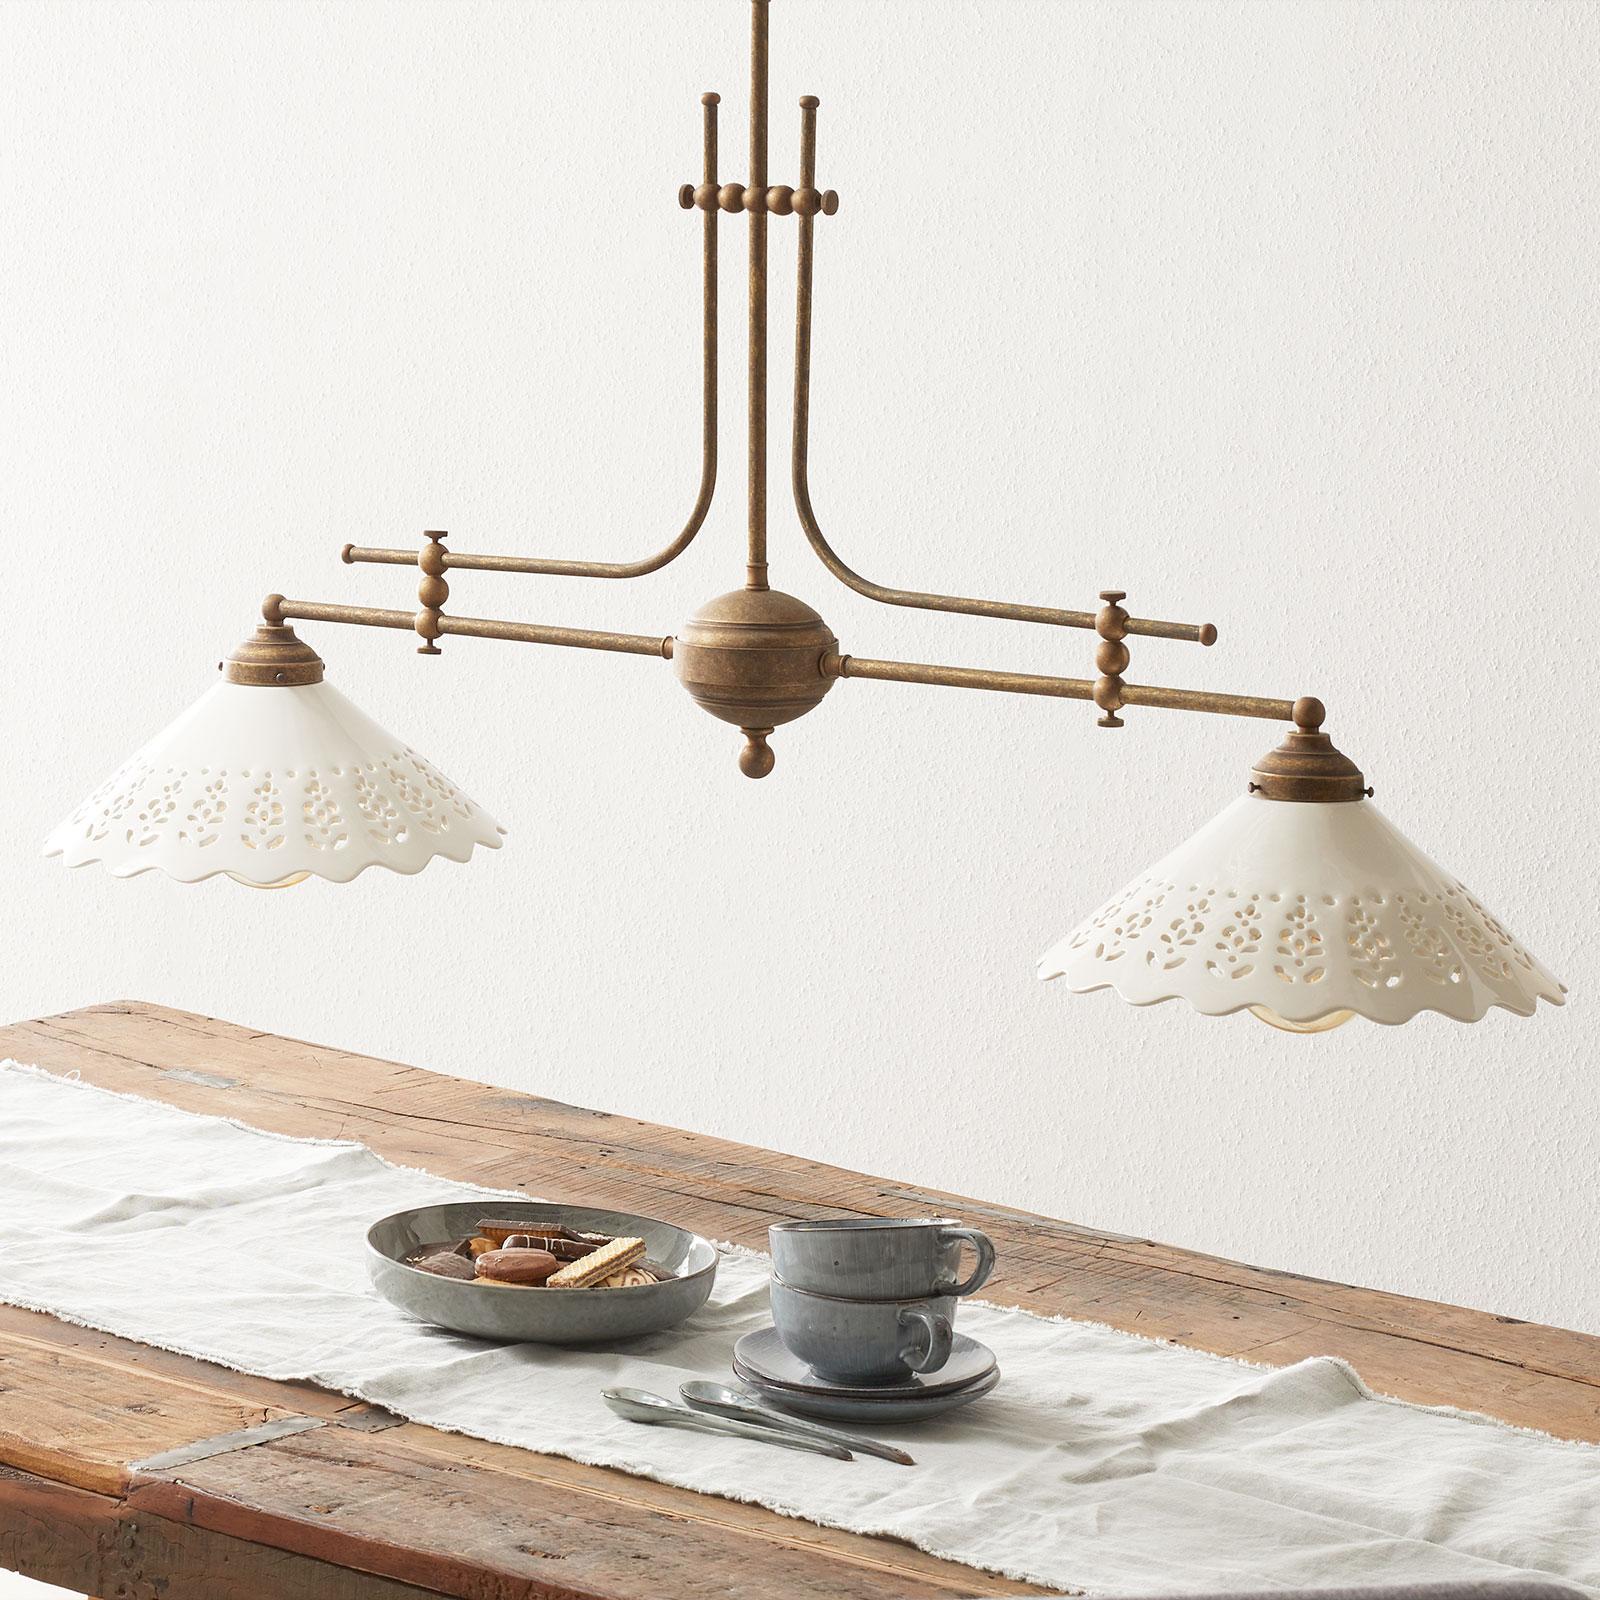 Lampa wisząca Pizzo z łańcuchem, 2-punktowa